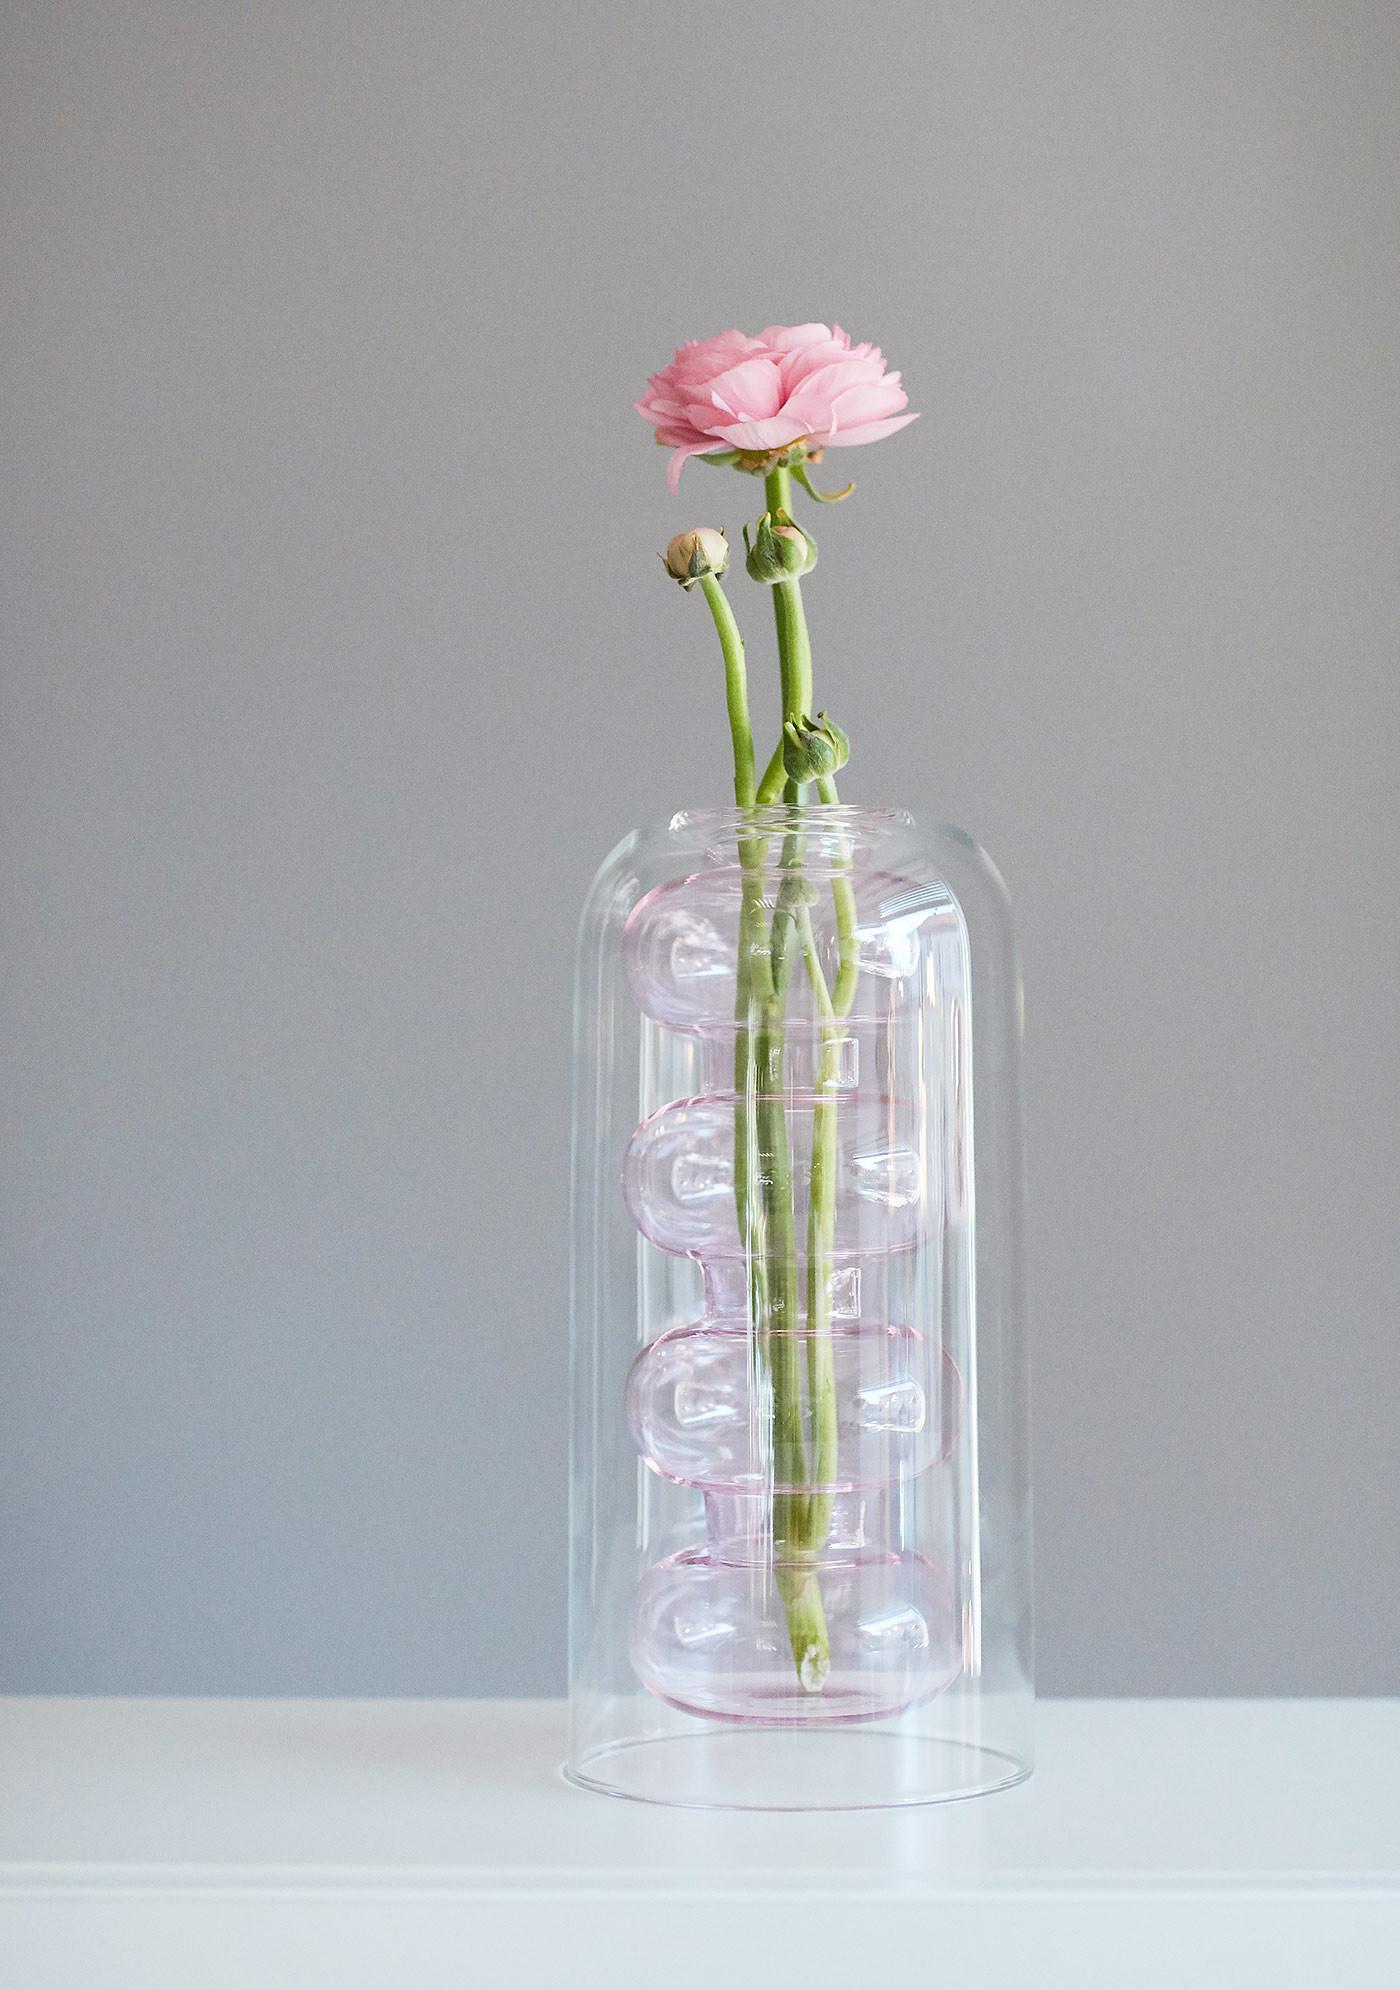 tom dixon vase gold of die meisten inspirierend sowie scha¶n tom dixon bump fa¼r deine regarding bump vase tom dixon